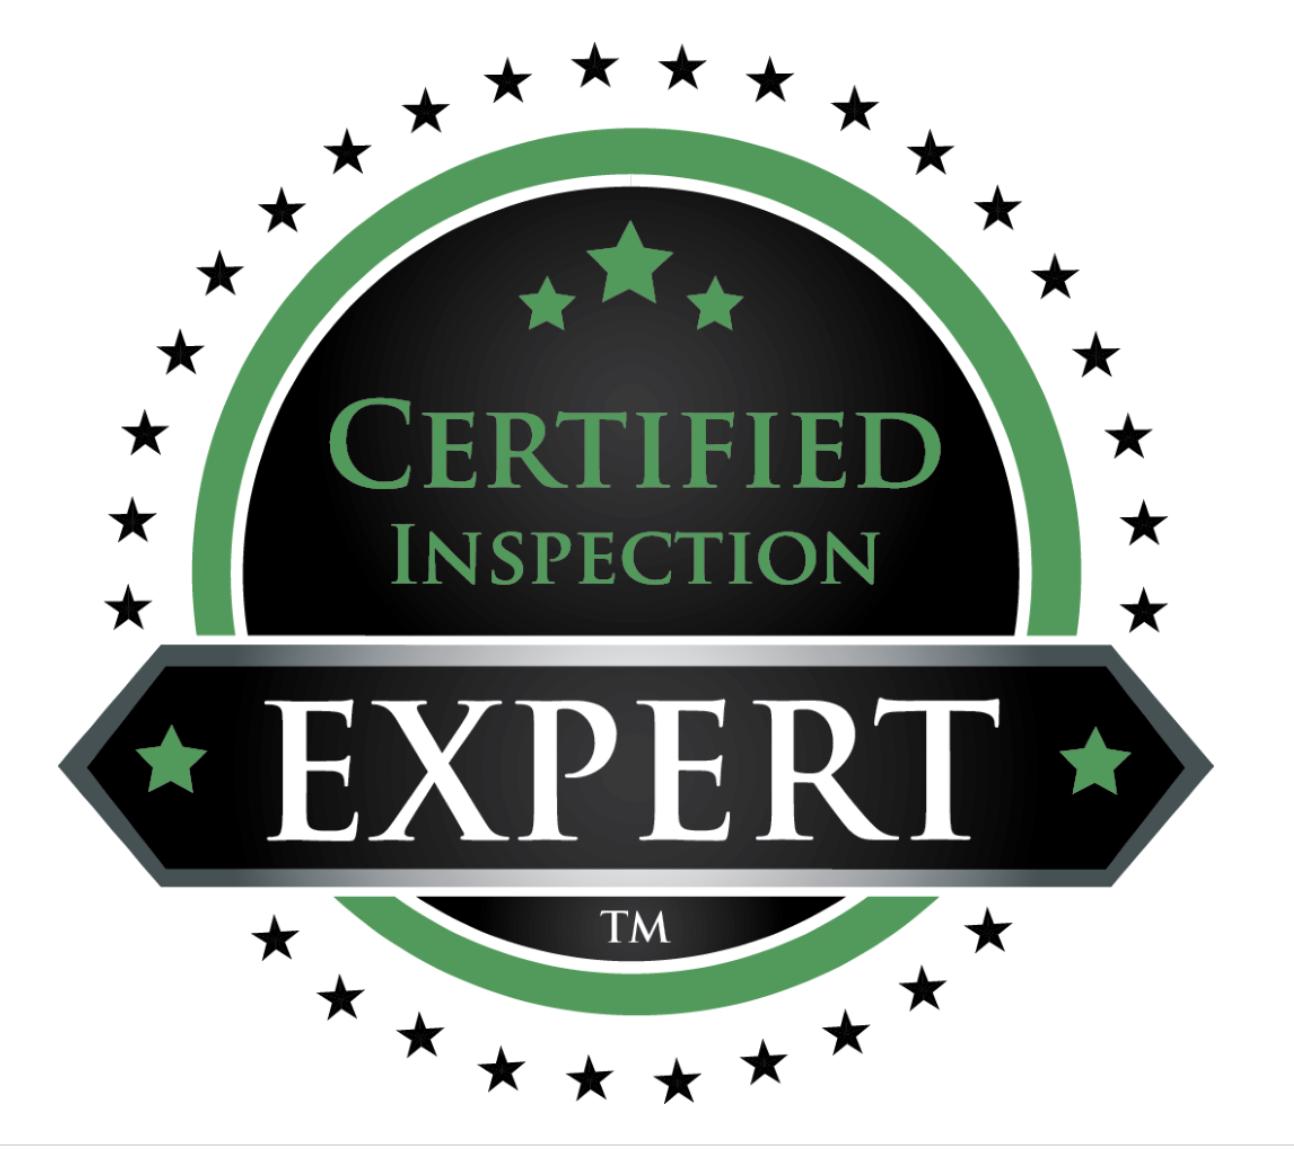 certifiedexpert